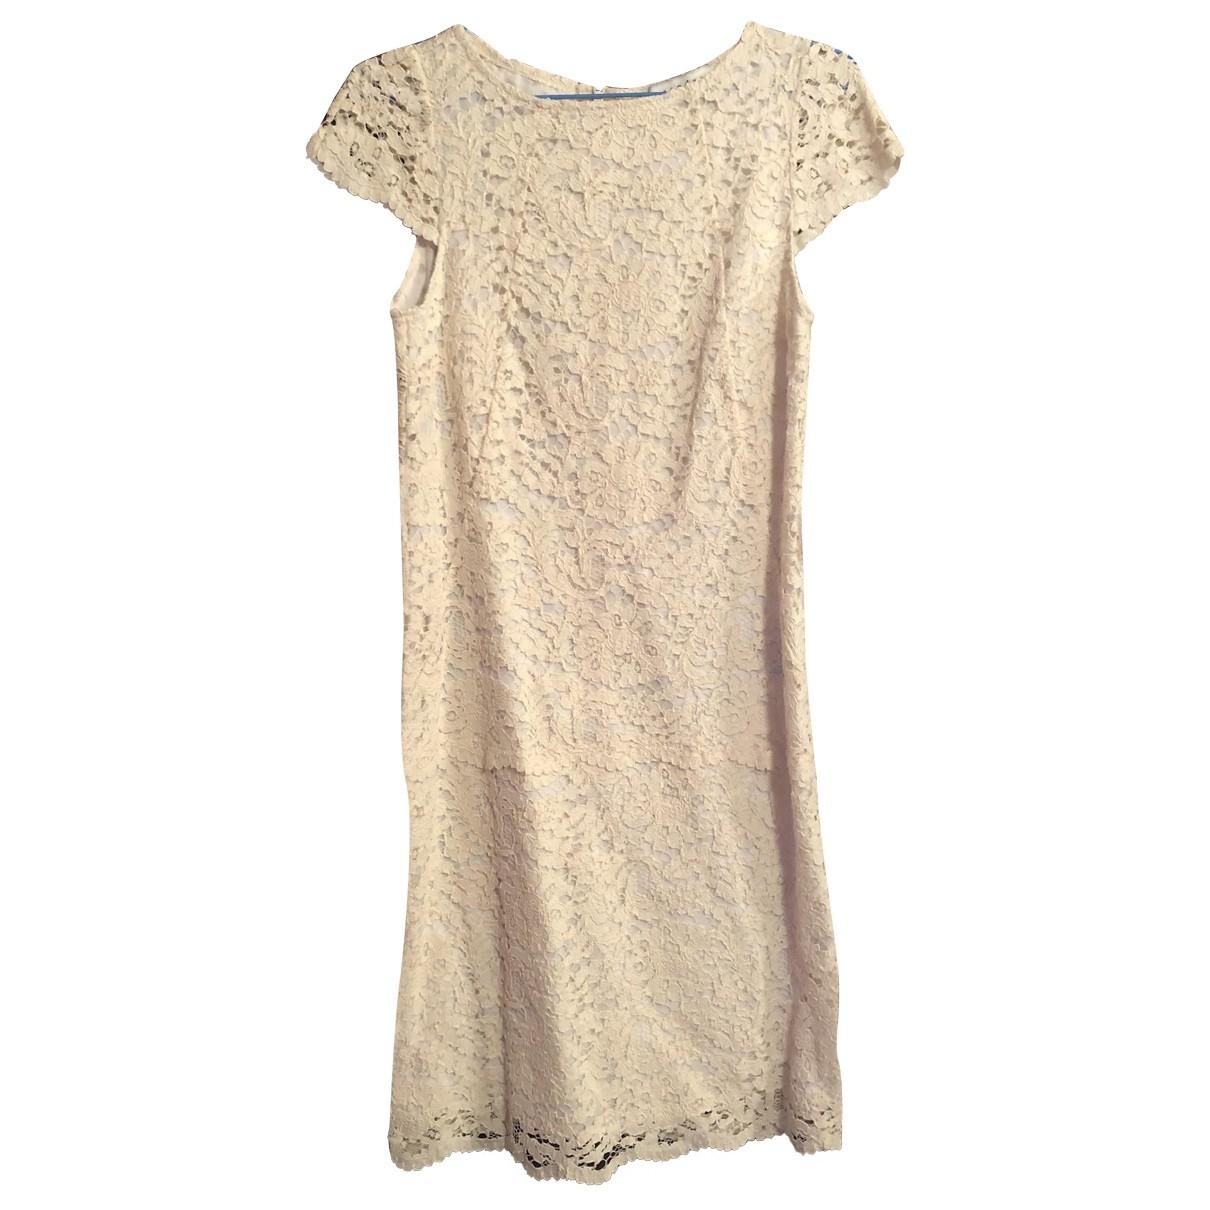 Sandro Spring Summer 2019 Ecru dress for Women 36 FR